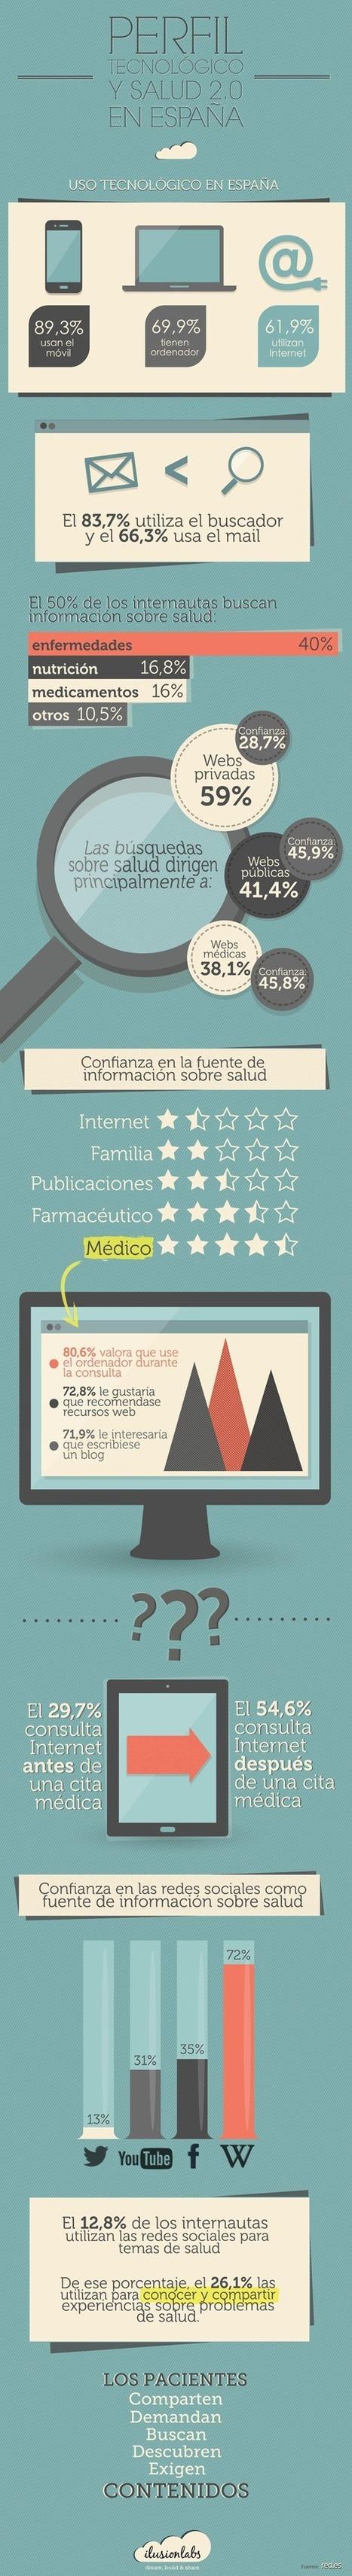 Consumo de salud 2.0 en España #infografia #infographic #socialmedia #health | Redes Sociales Salud Admon Pública | Scoop.it